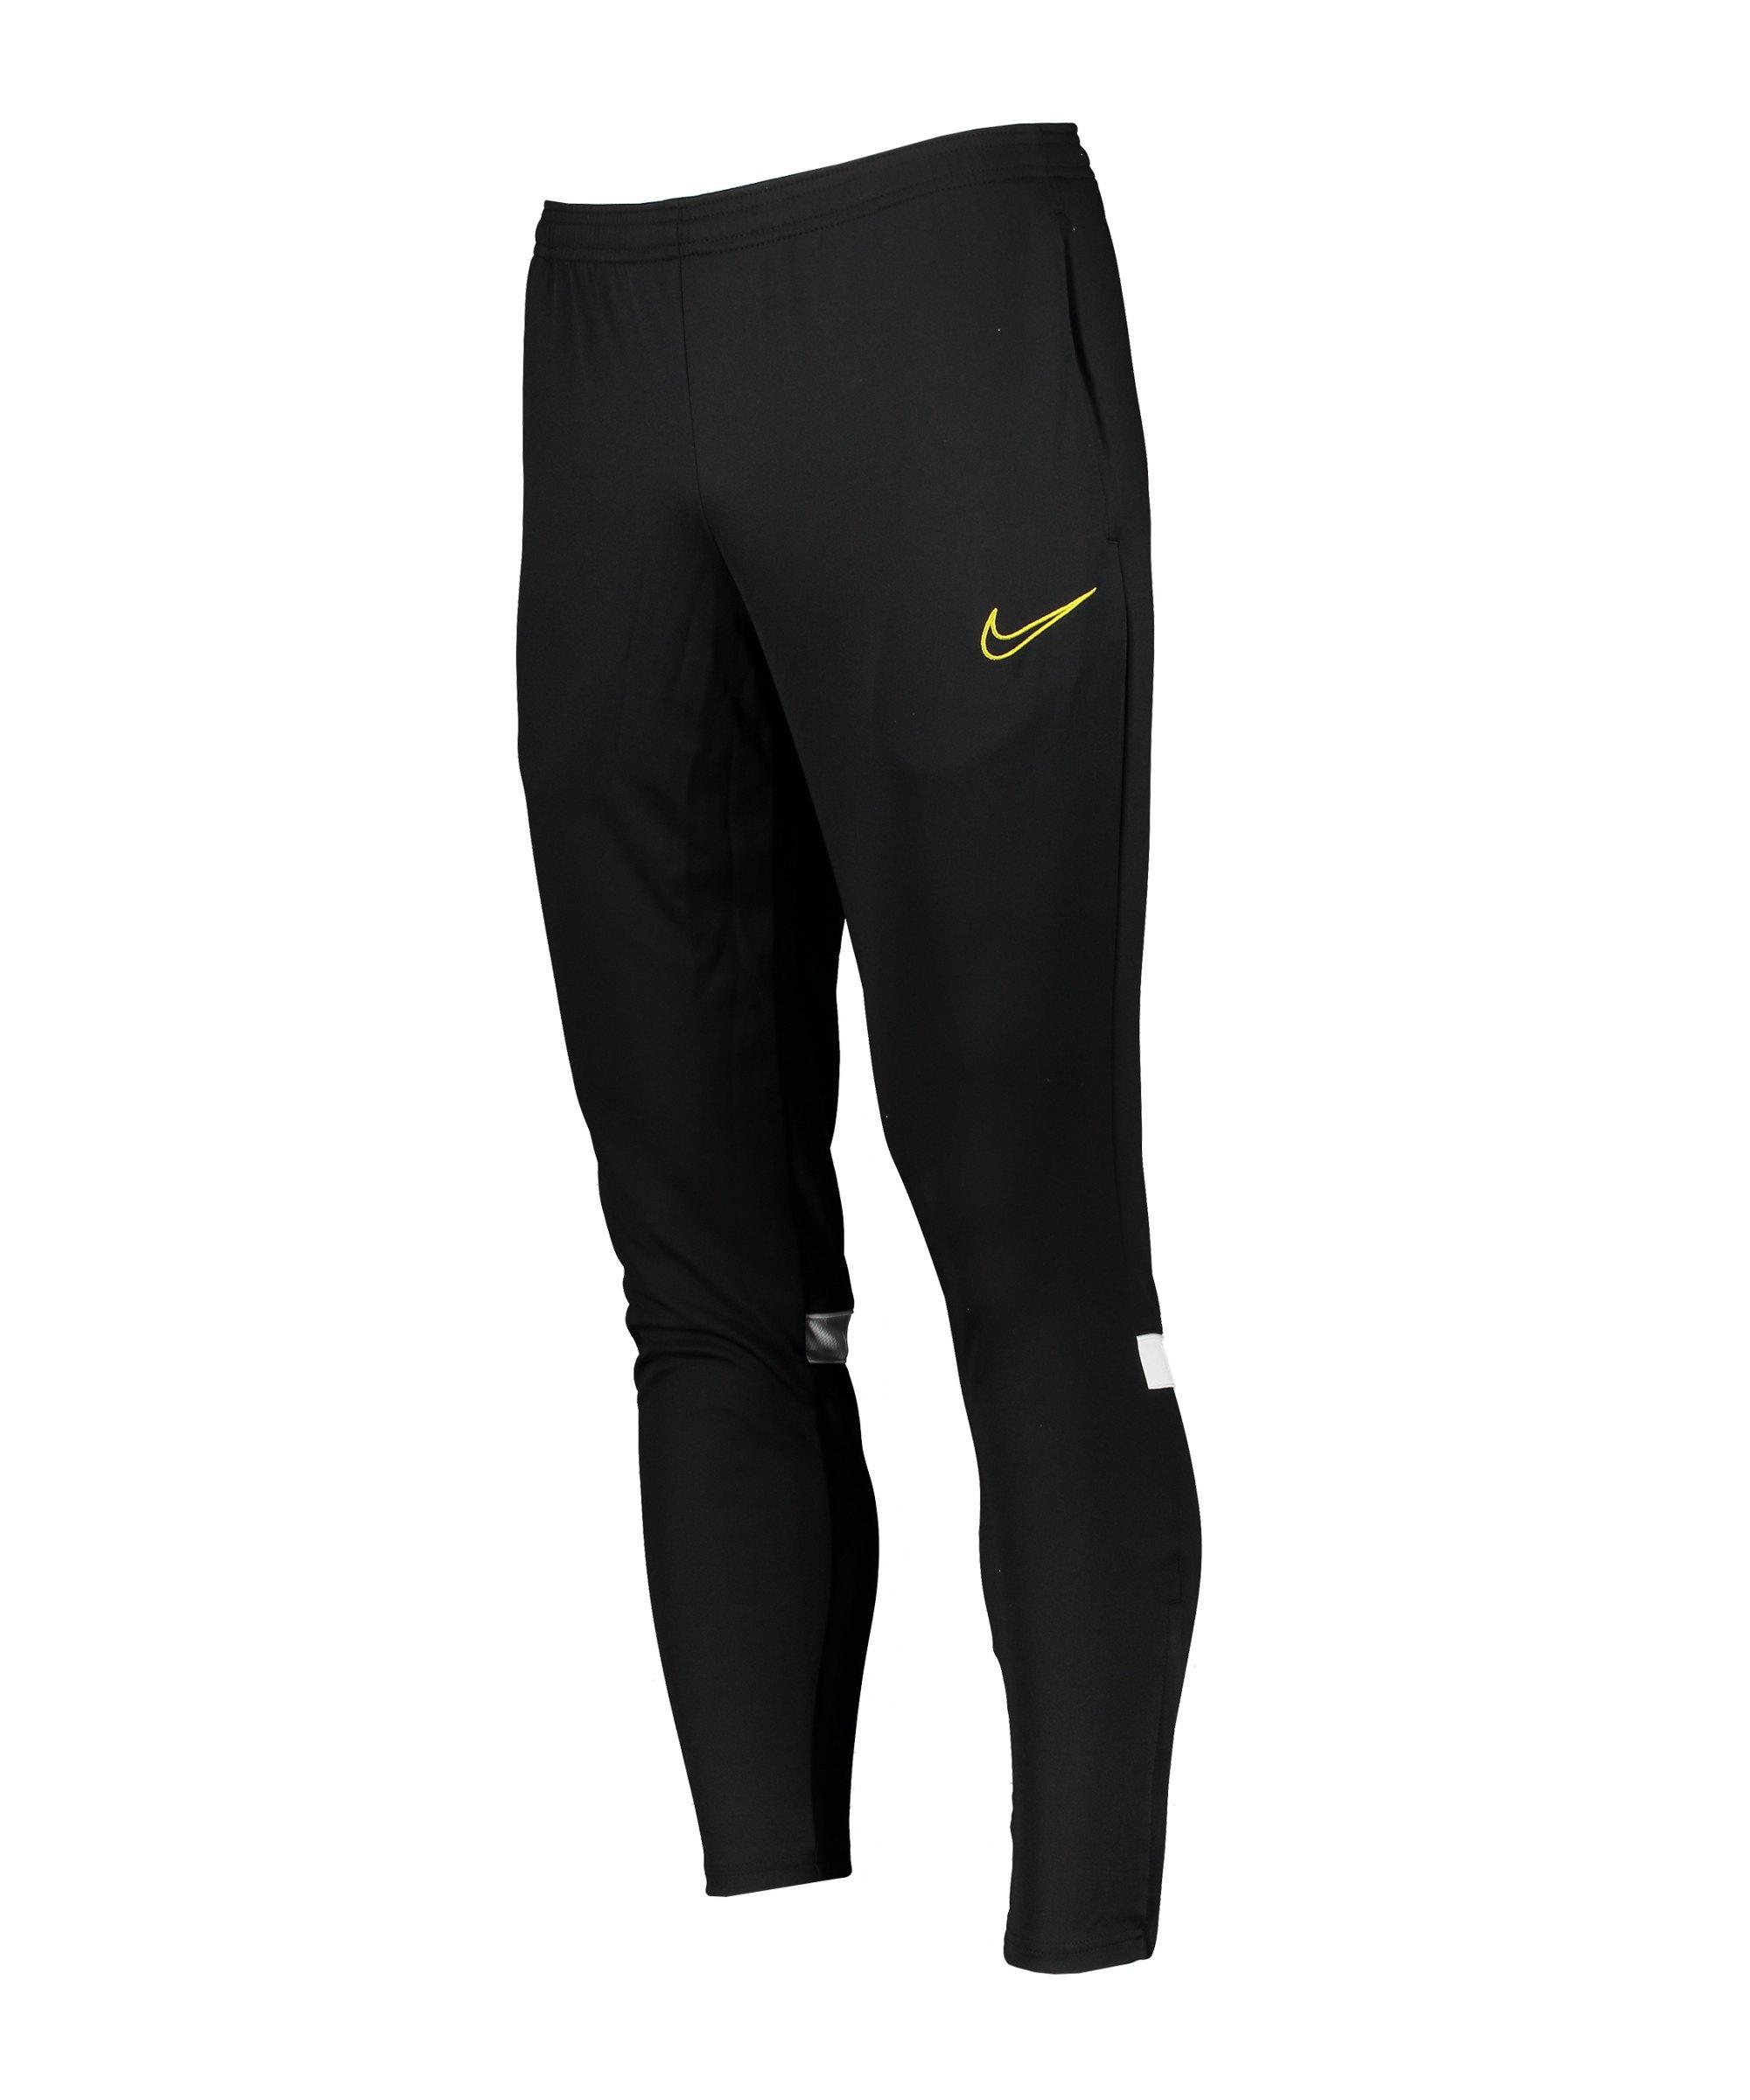 Nike Academy 21 Trainigshose Schwarz F015 - schwarz